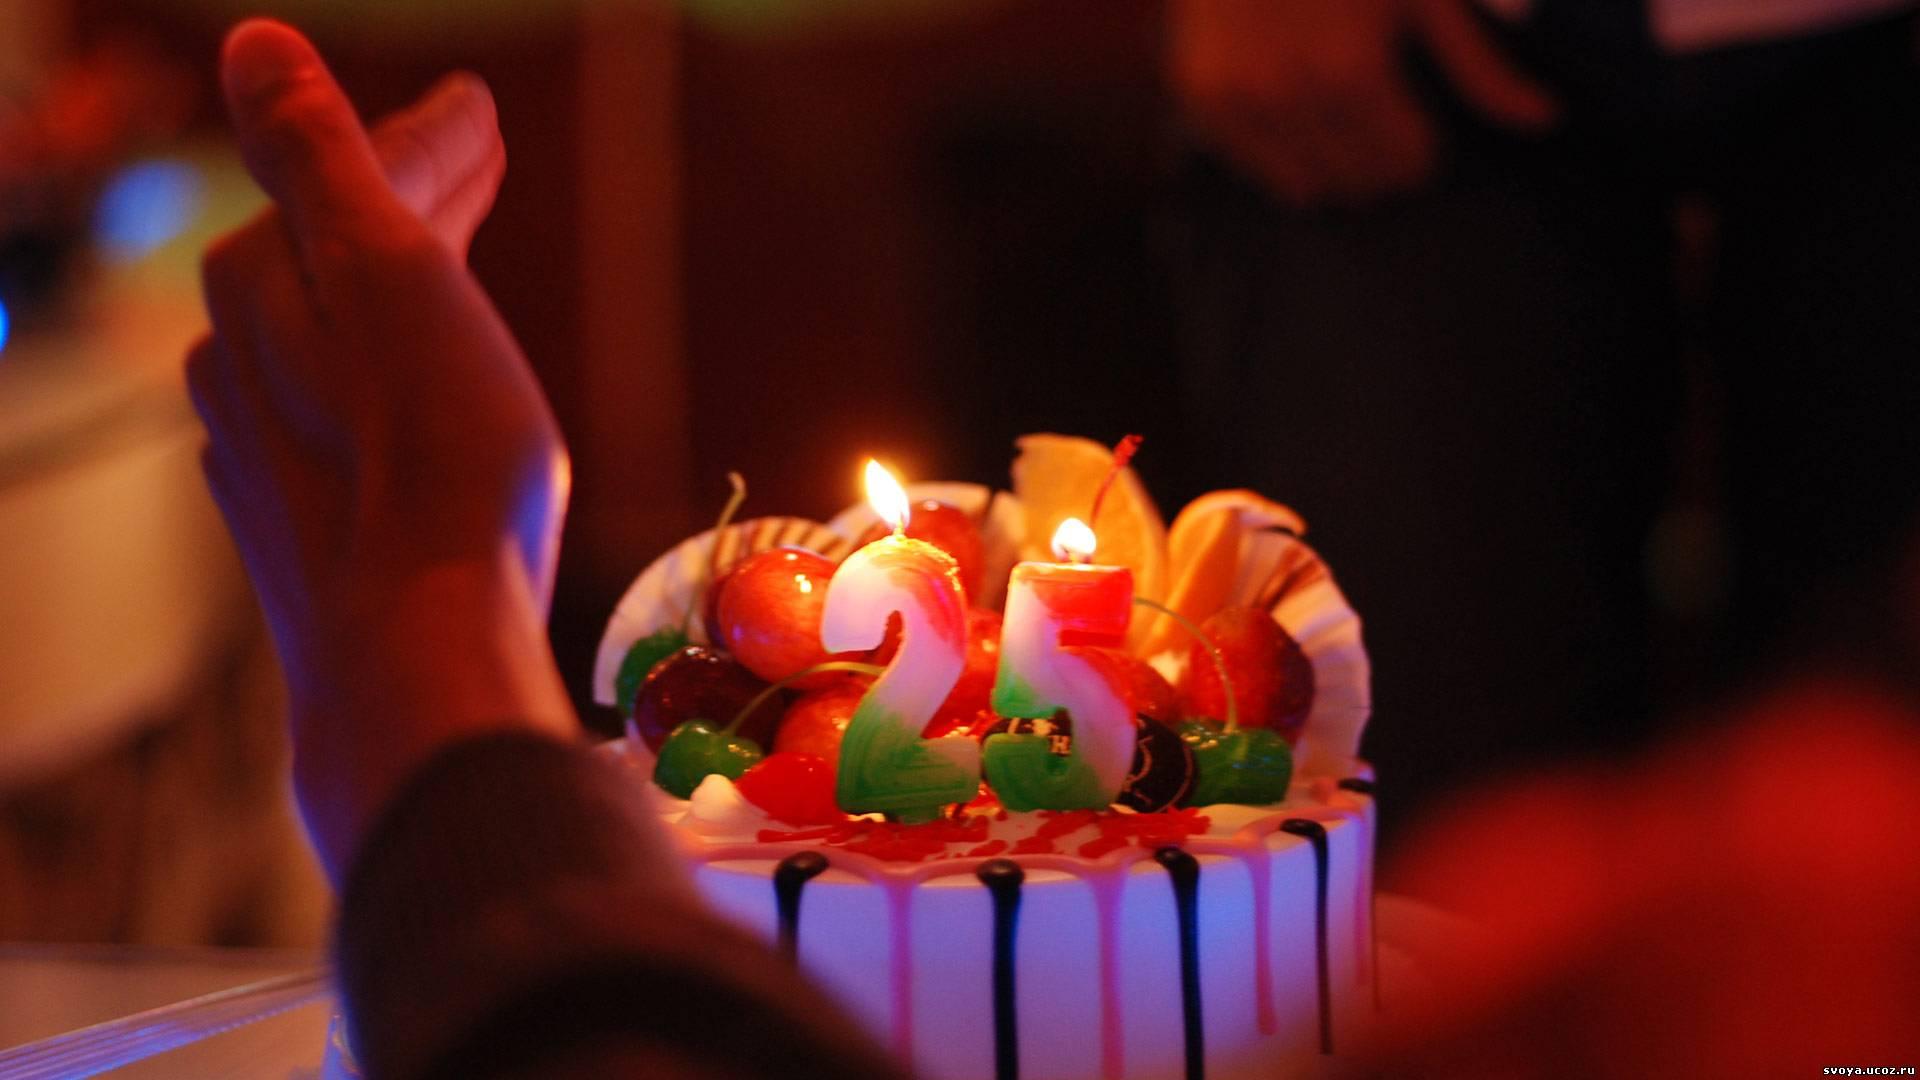 Поздравление с днем рождения на совершенолетие6